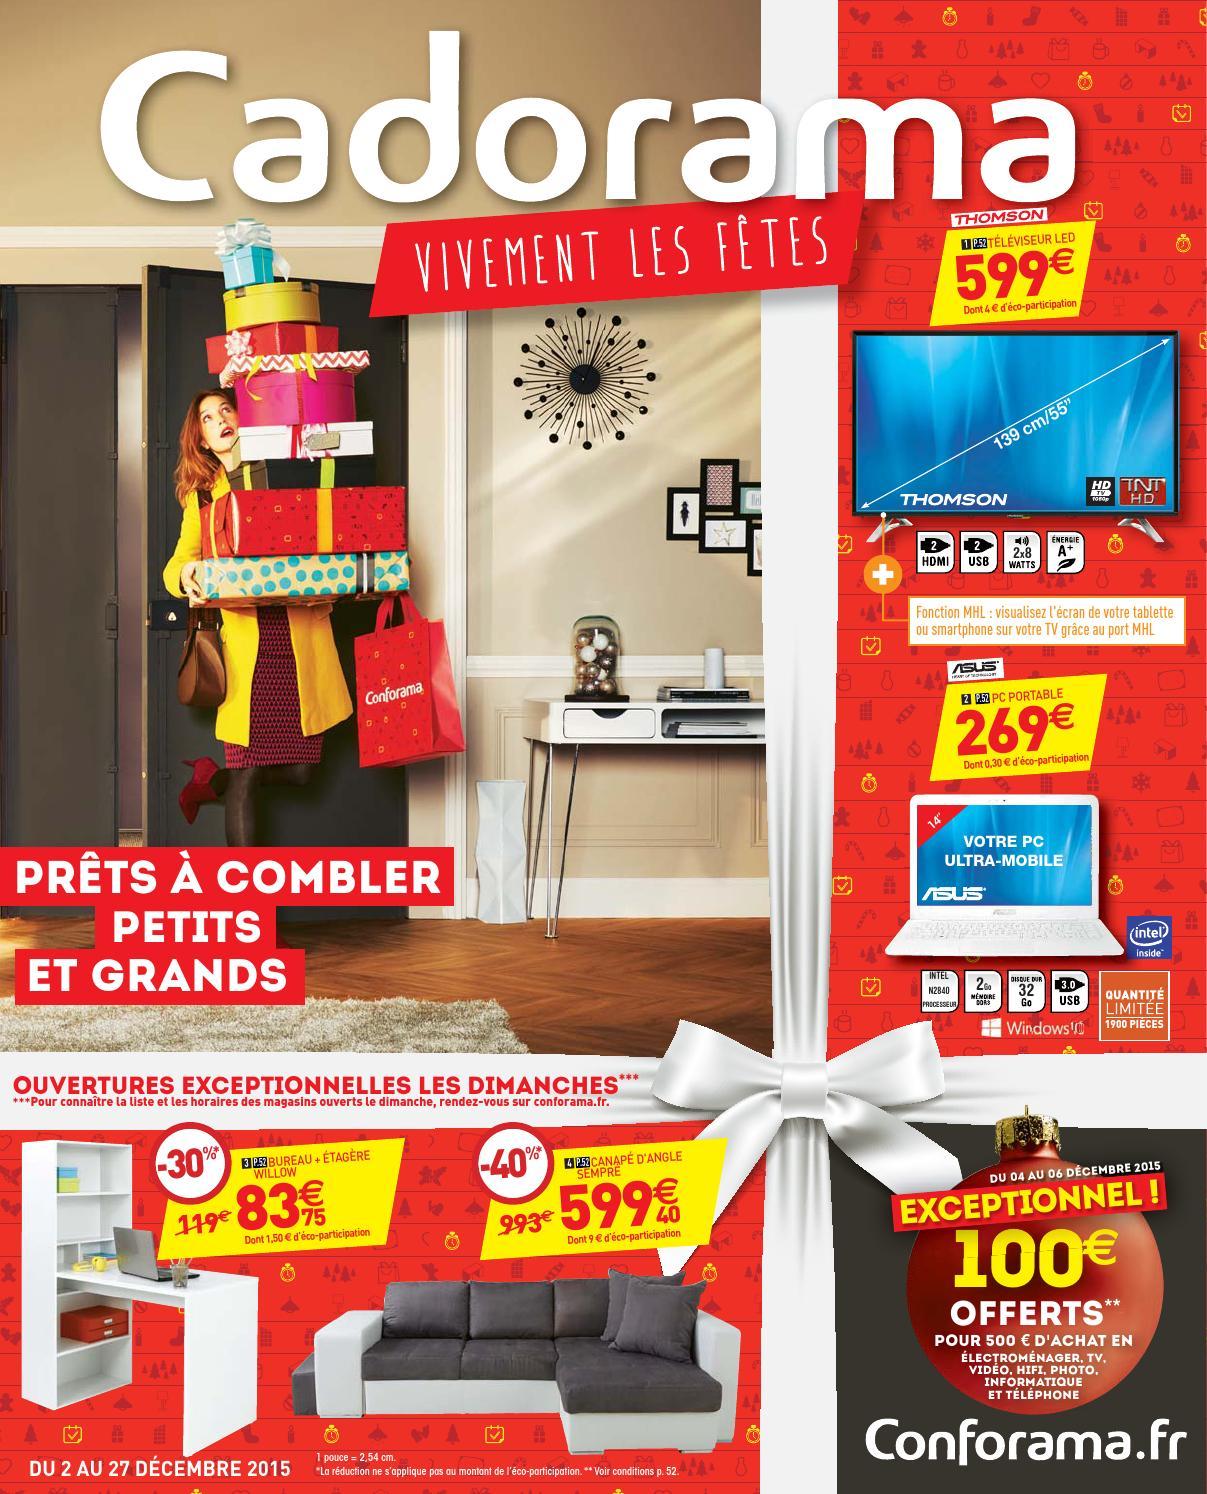 27decembre2015 2 Catalogue Conforama Conforama 2 Catalogue 27decembre2015 Catalogue 2 27decembre2015 Conforama OkZ80wXNnP